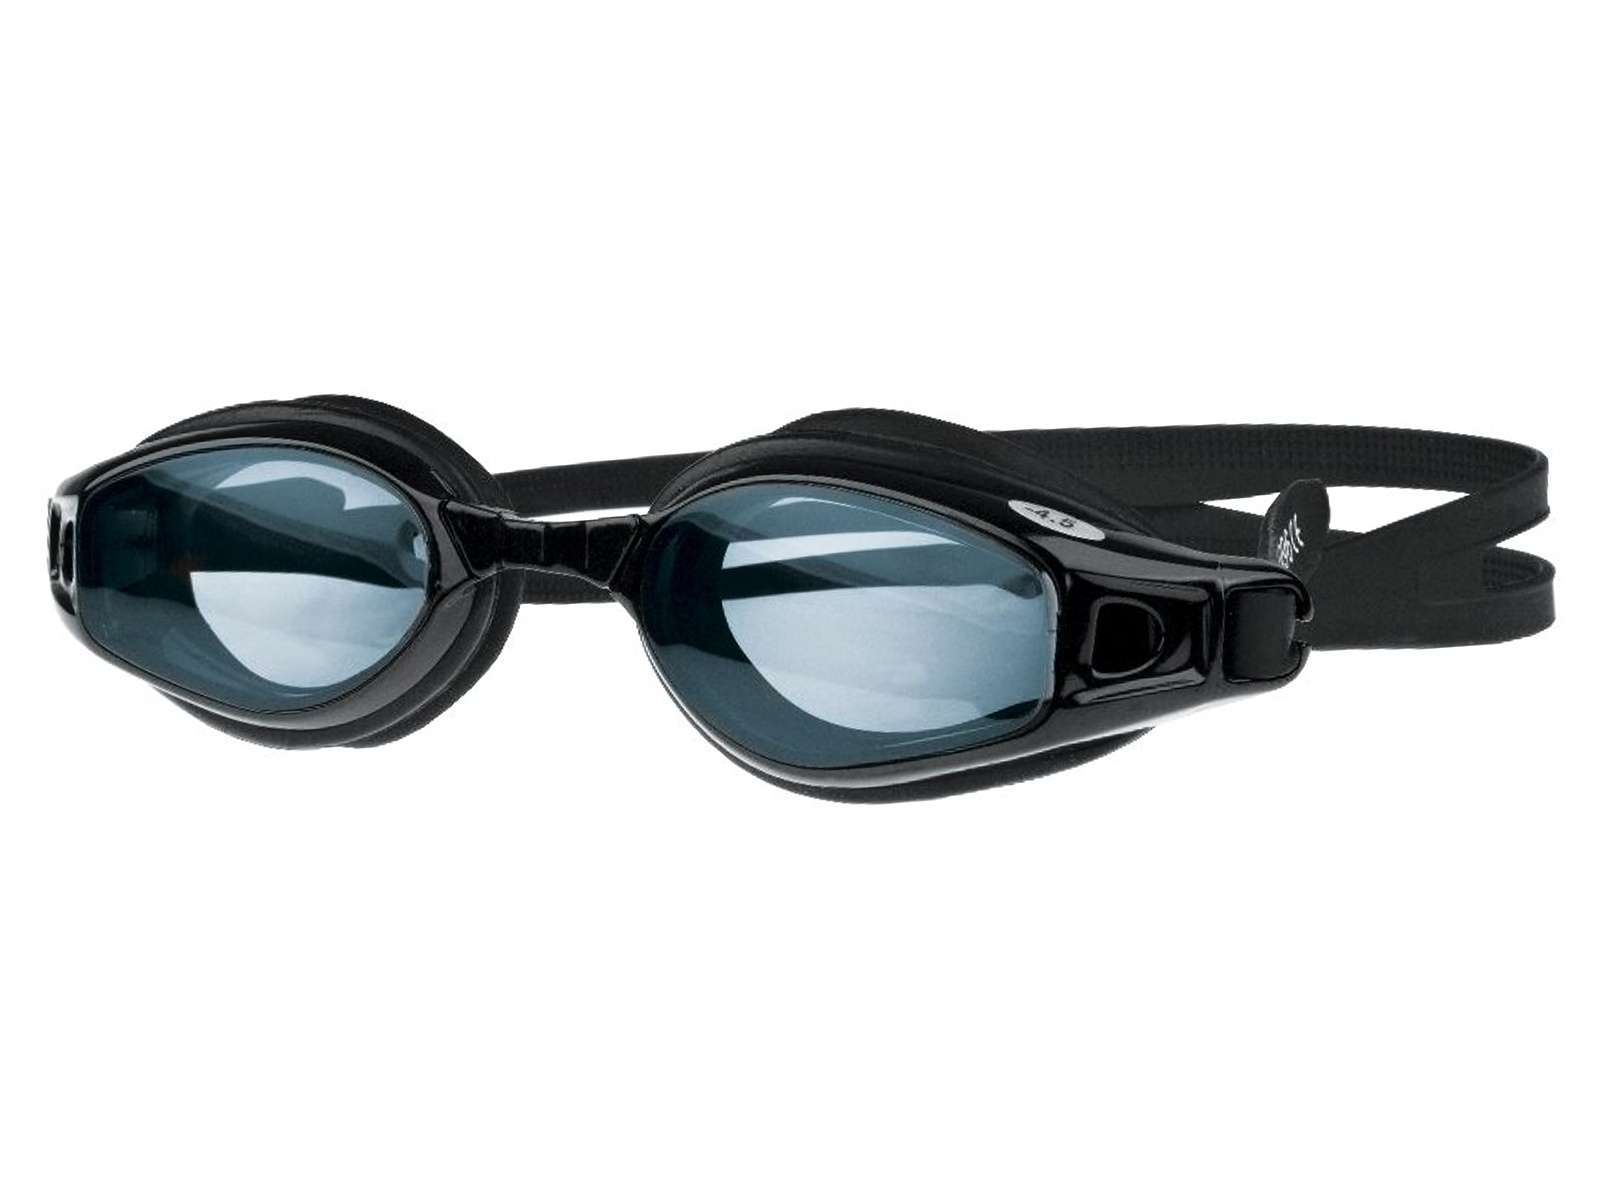 Plavecké brýle SPOKEY Optica - 6,5